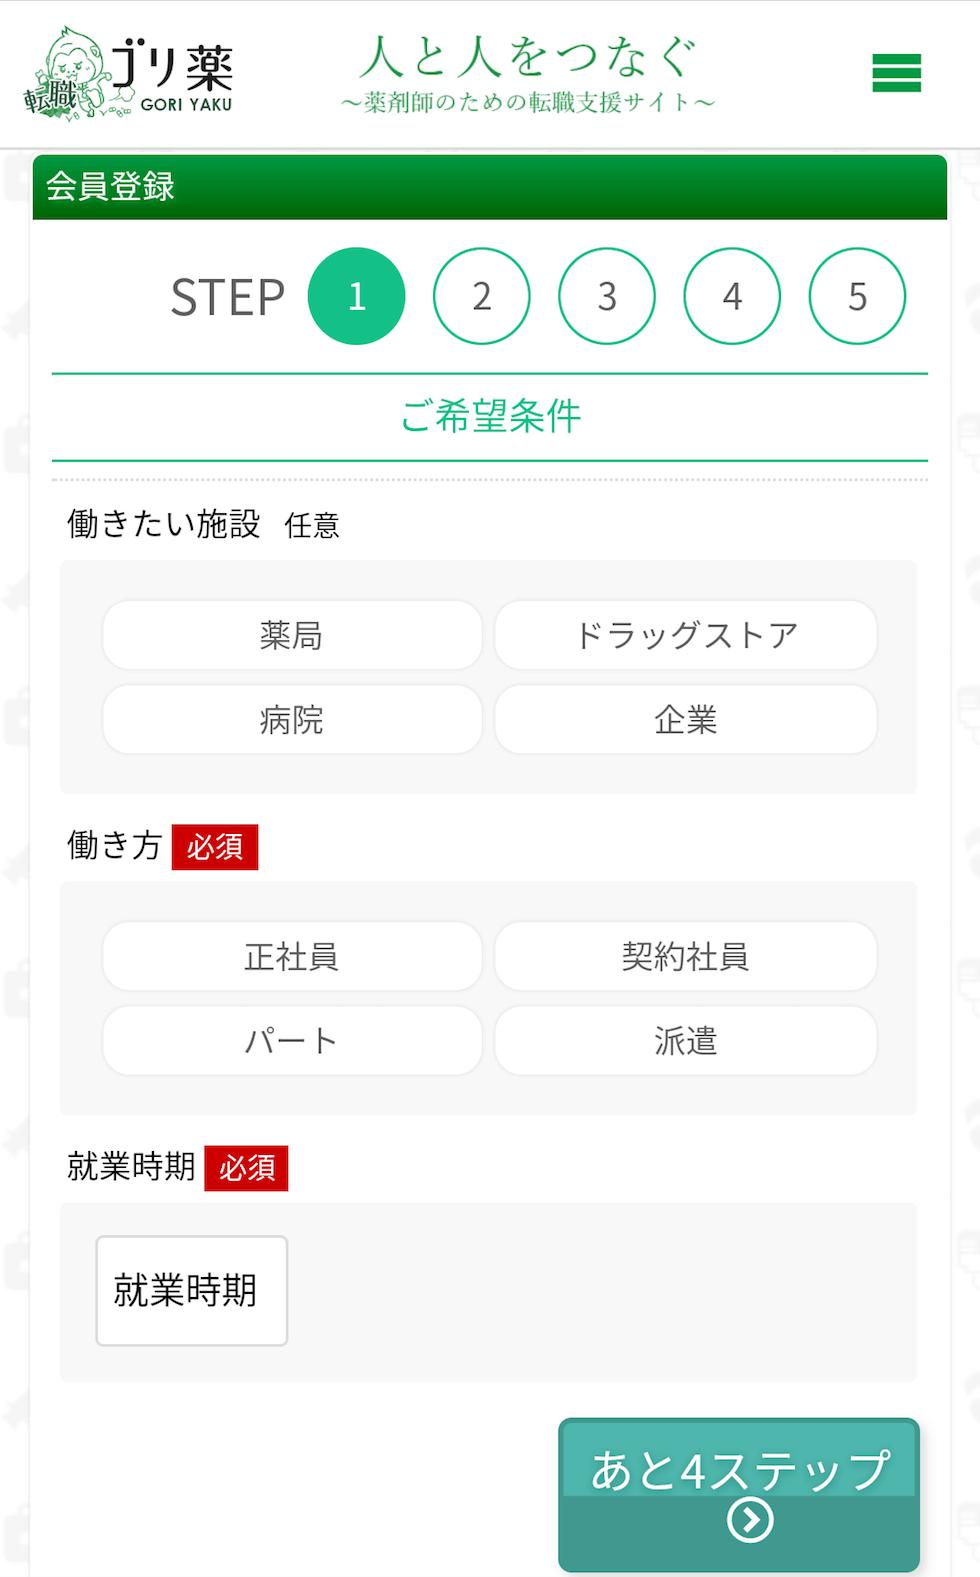 転職ゴリ薬の登録方法02